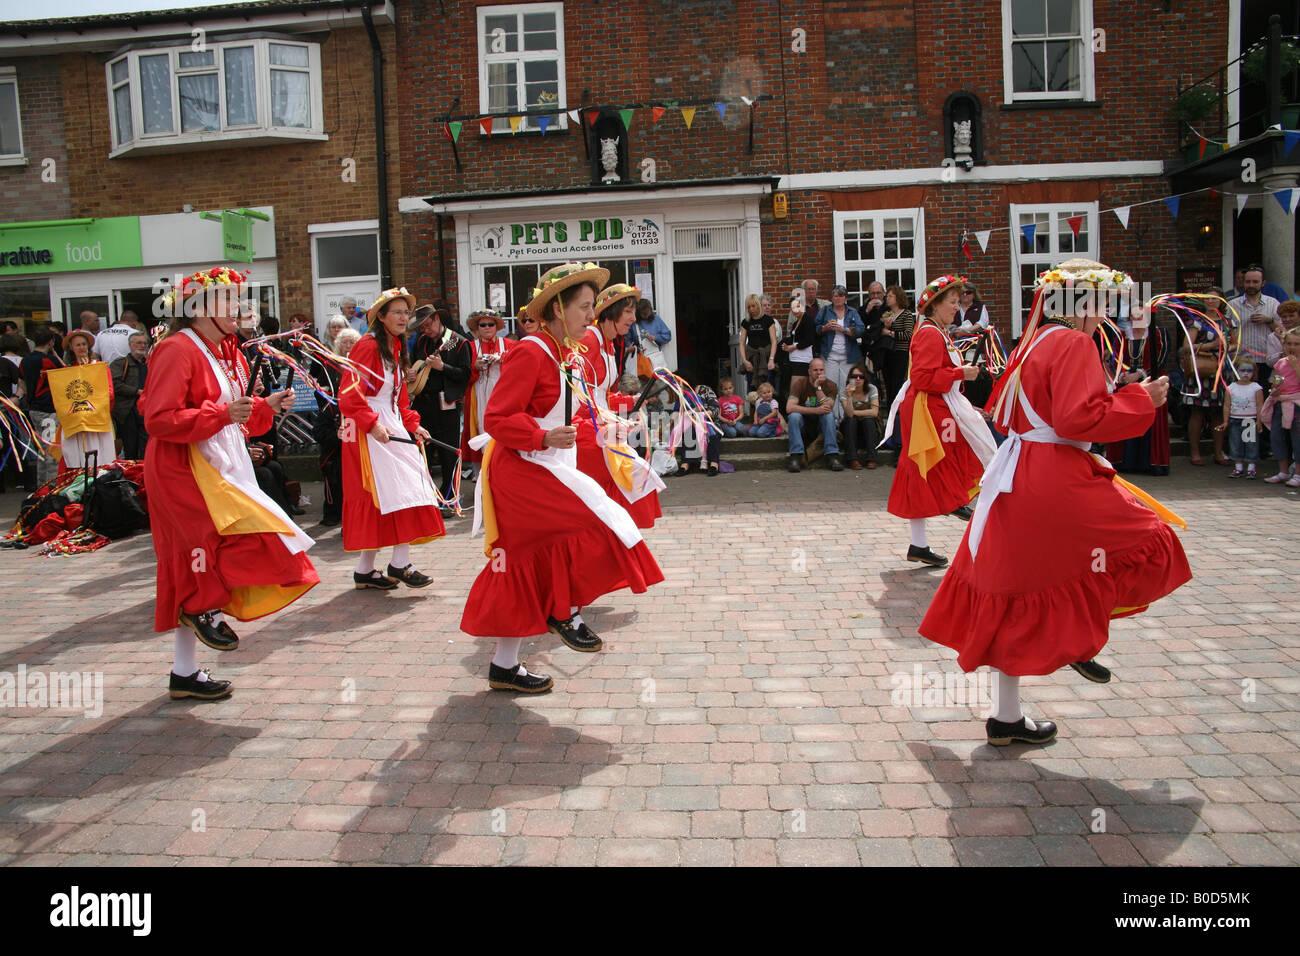 1790ca00cfe03 Morris Dancing Costume Dancers Stock Photos & Morris Dancing Costume ...